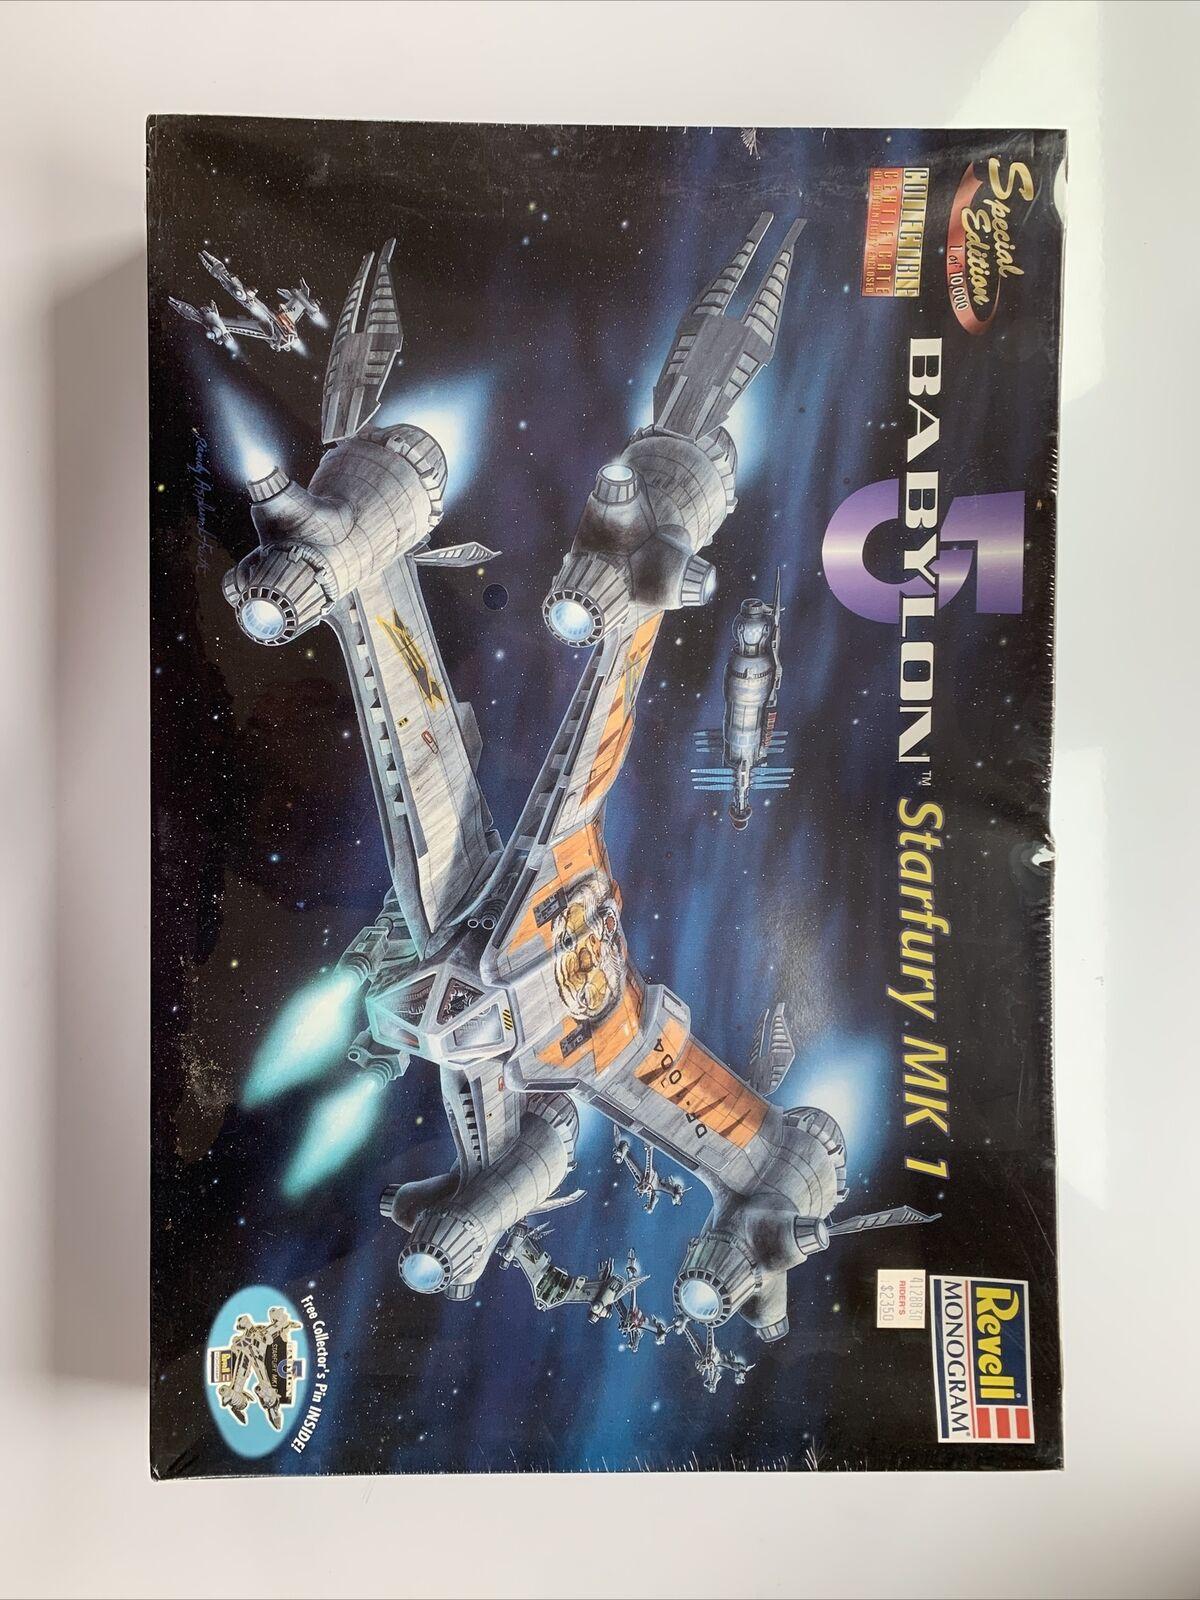 Babylon 5 Model : babylon, model, Babylon, Starfury, Model, Revell, Monogram, 04819, Decal, Sheet, Online